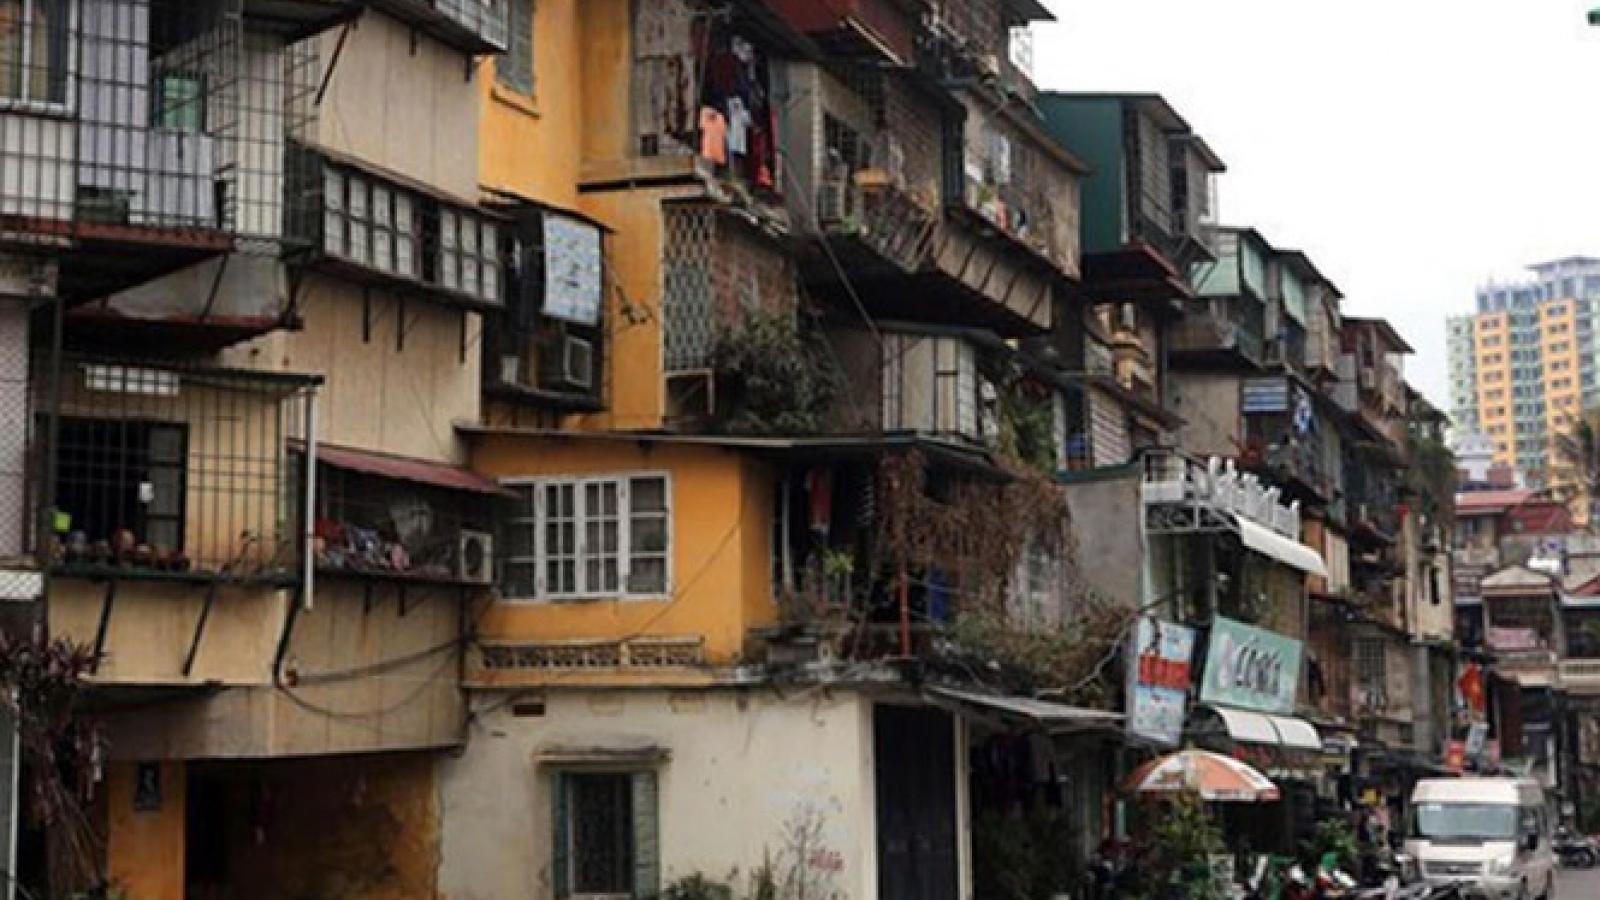 Cải tạo chung cư cũ: Đỏ mắt chờ cơ chế